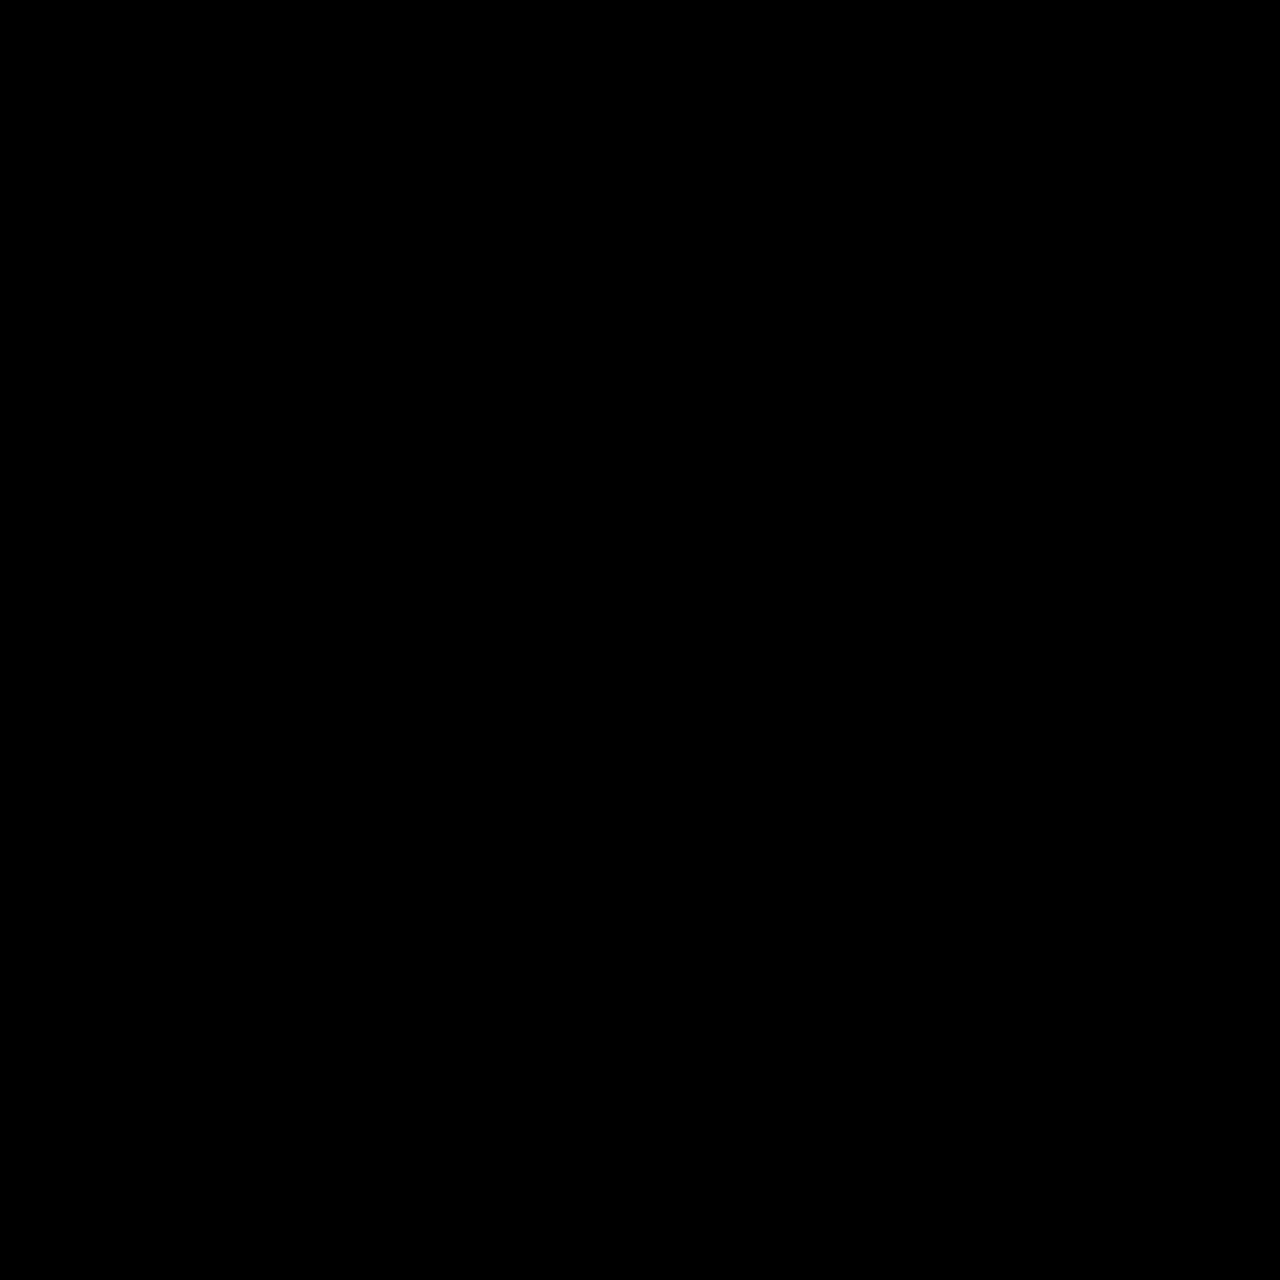 Neiman Marcus Logo Black Transparent